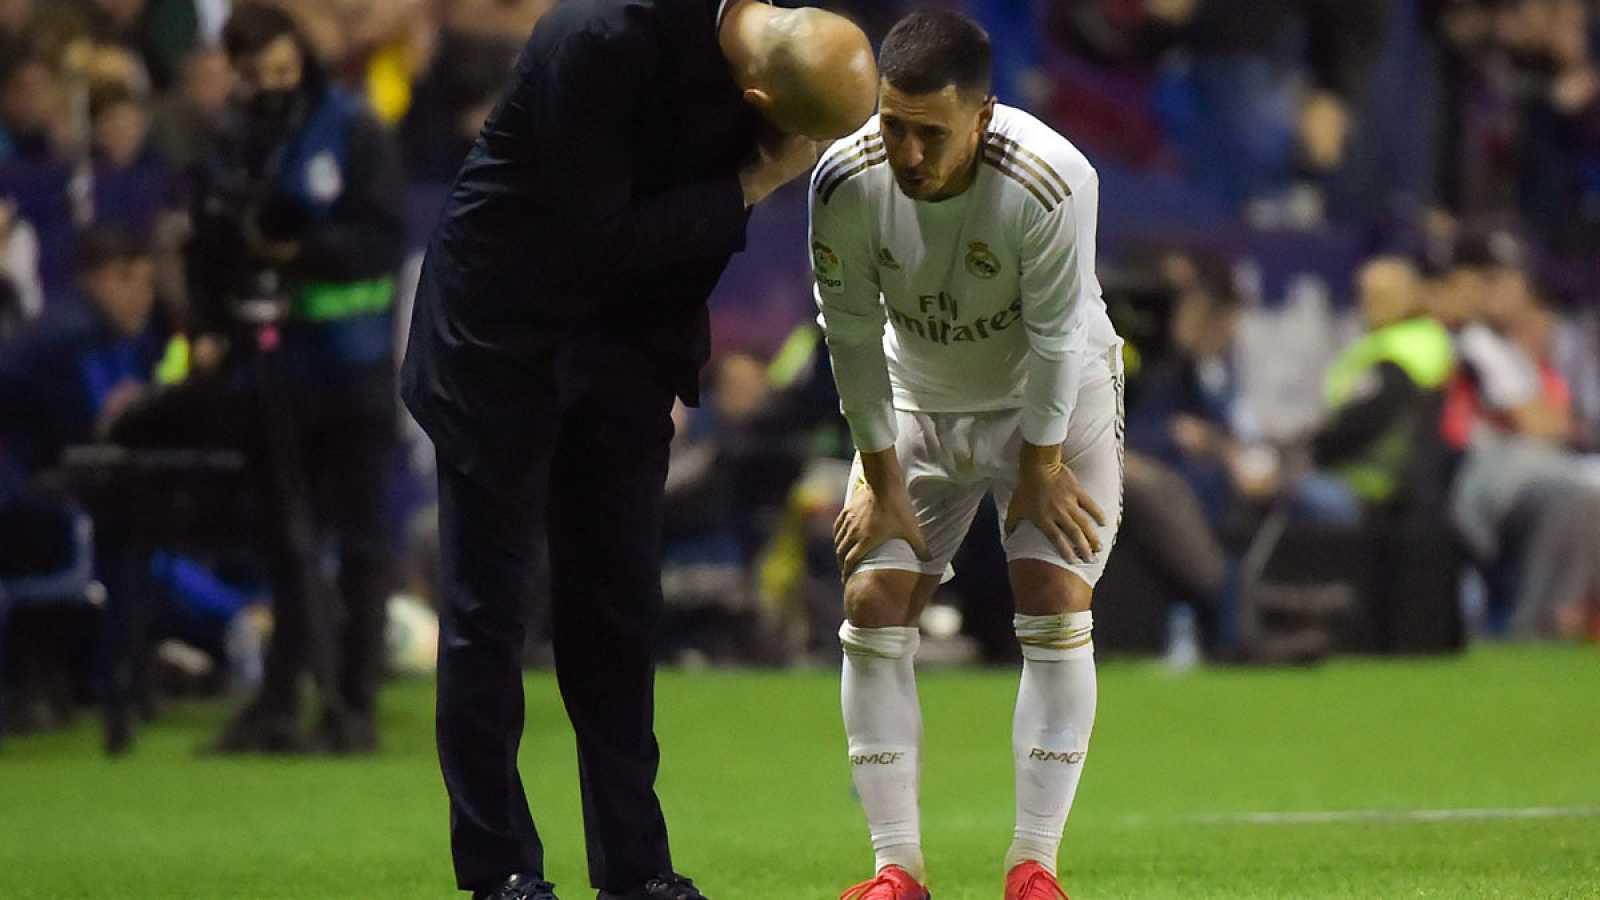 Zidane consuela a Hazard, lesionado